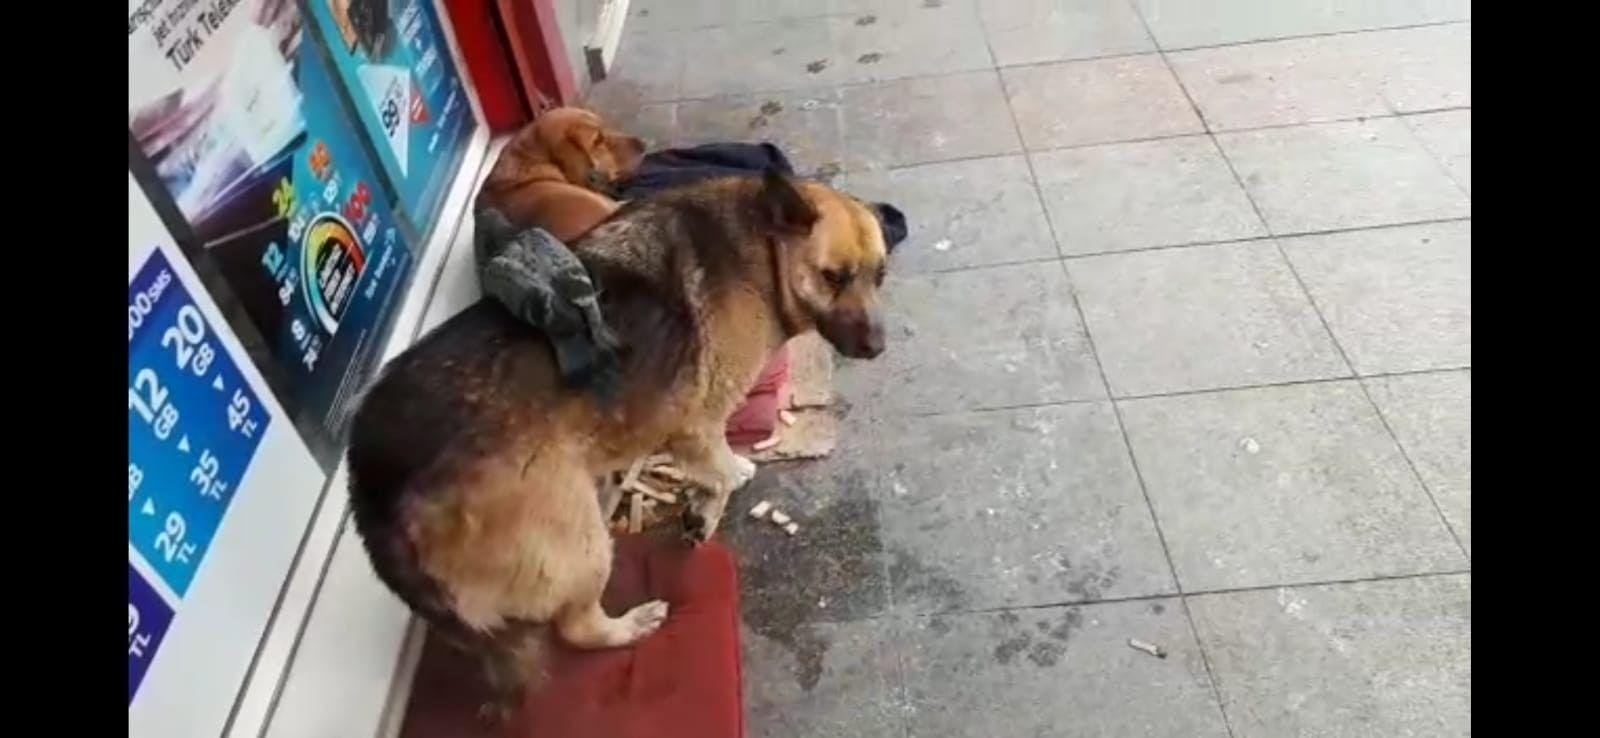 Güvercin ve köpeğin şaşırtan dostluğu kamerada